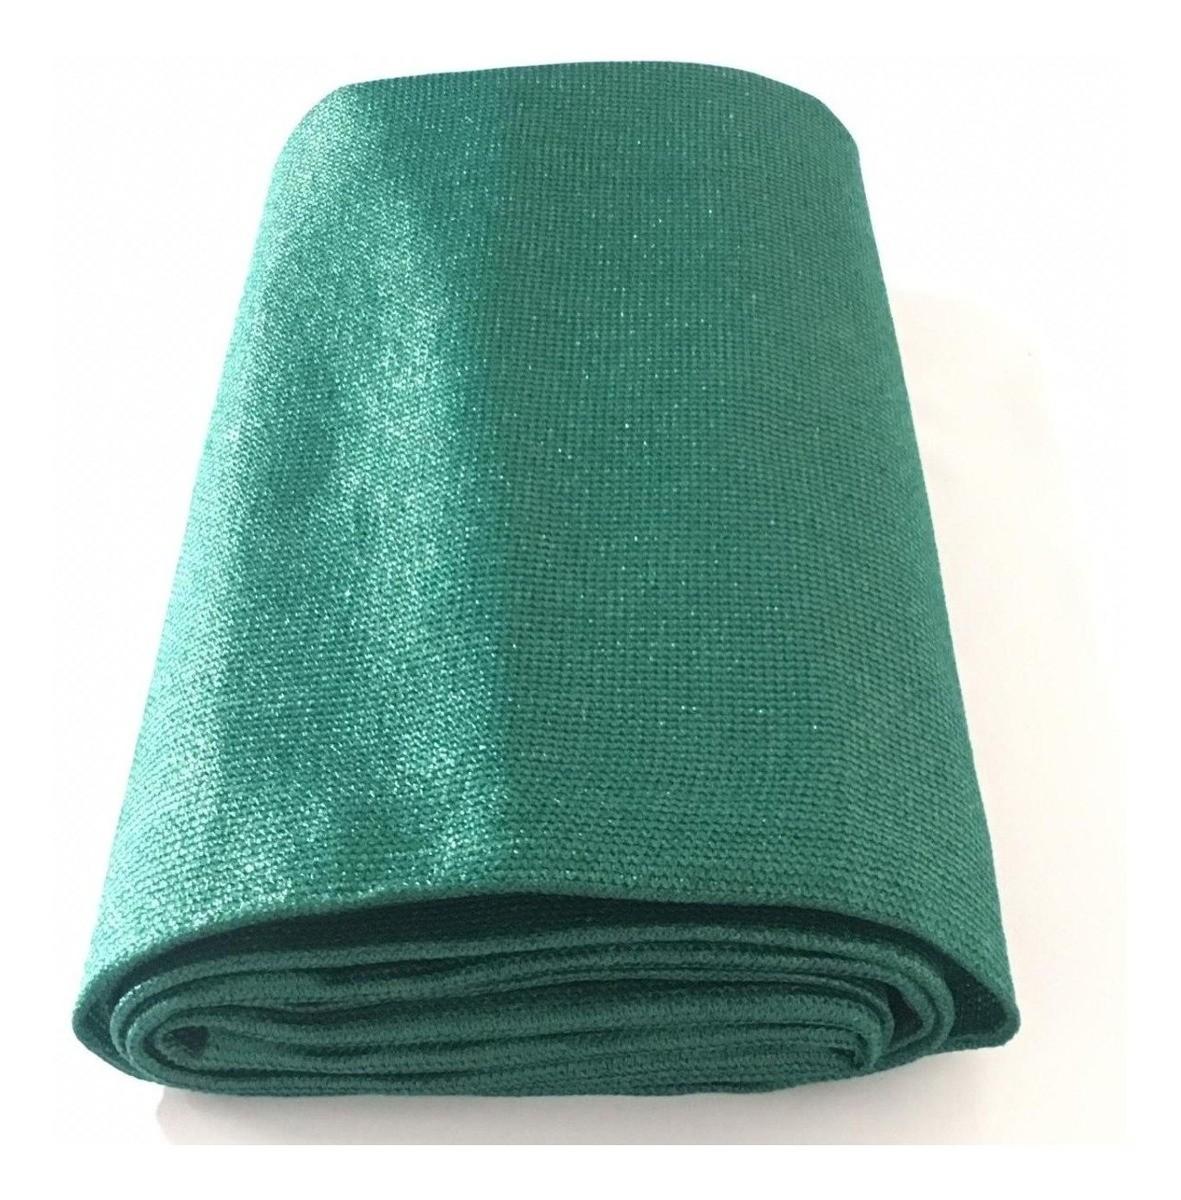 Tela Toldo Sombrite Verde Com Bainha Ilhós e Kit 5x9,5m